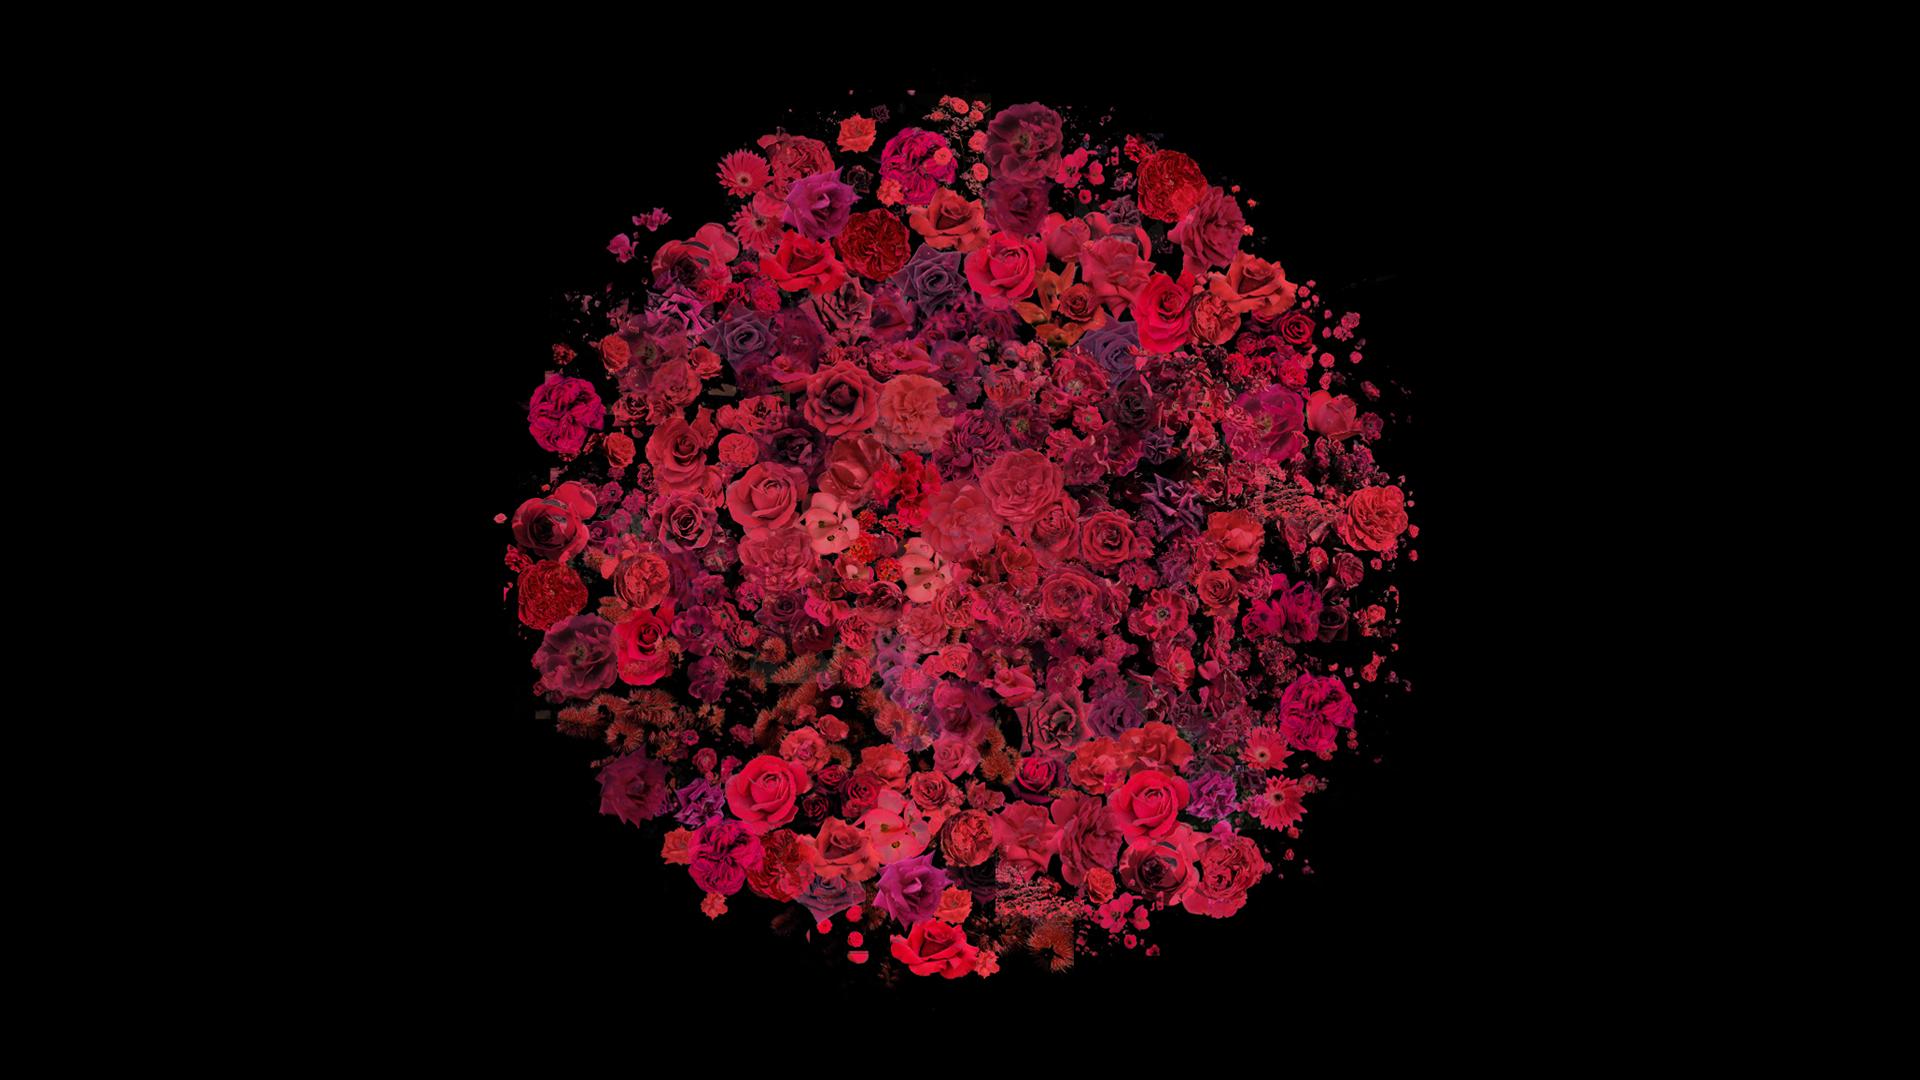 flower-option-2-experiment.jpg